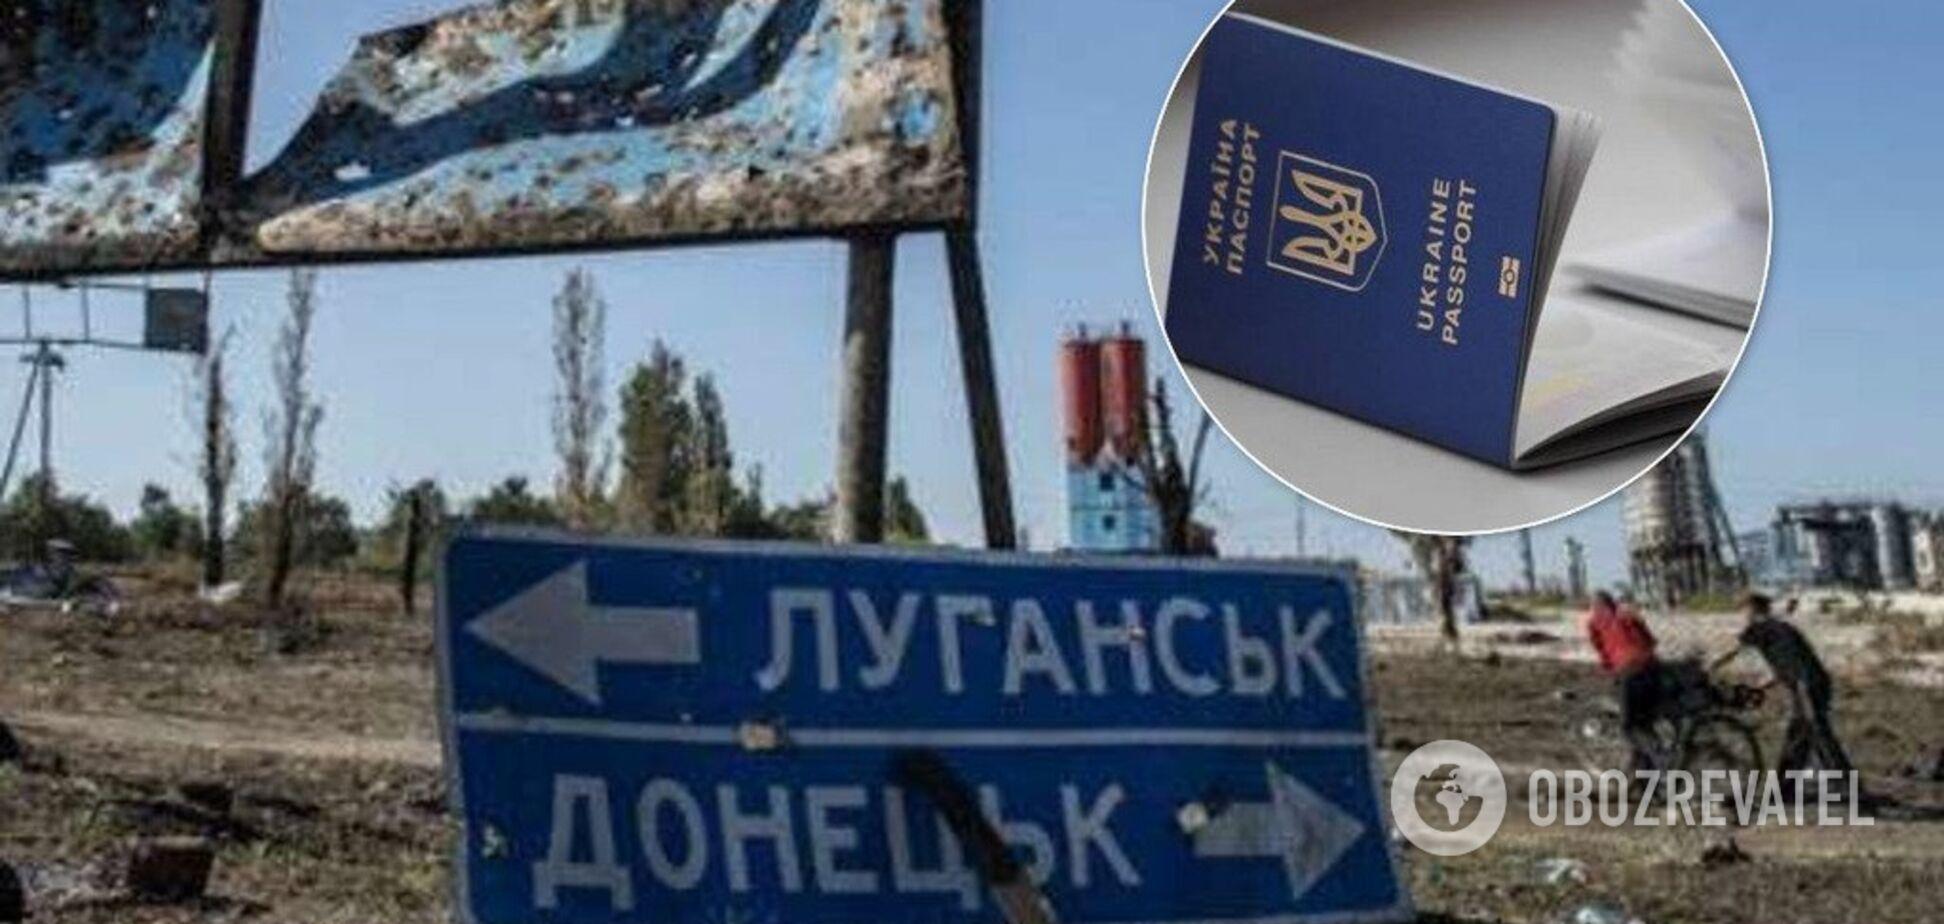 'Допоможу отримати паспорт. Дорого': як наживаються на жителях Донбасу